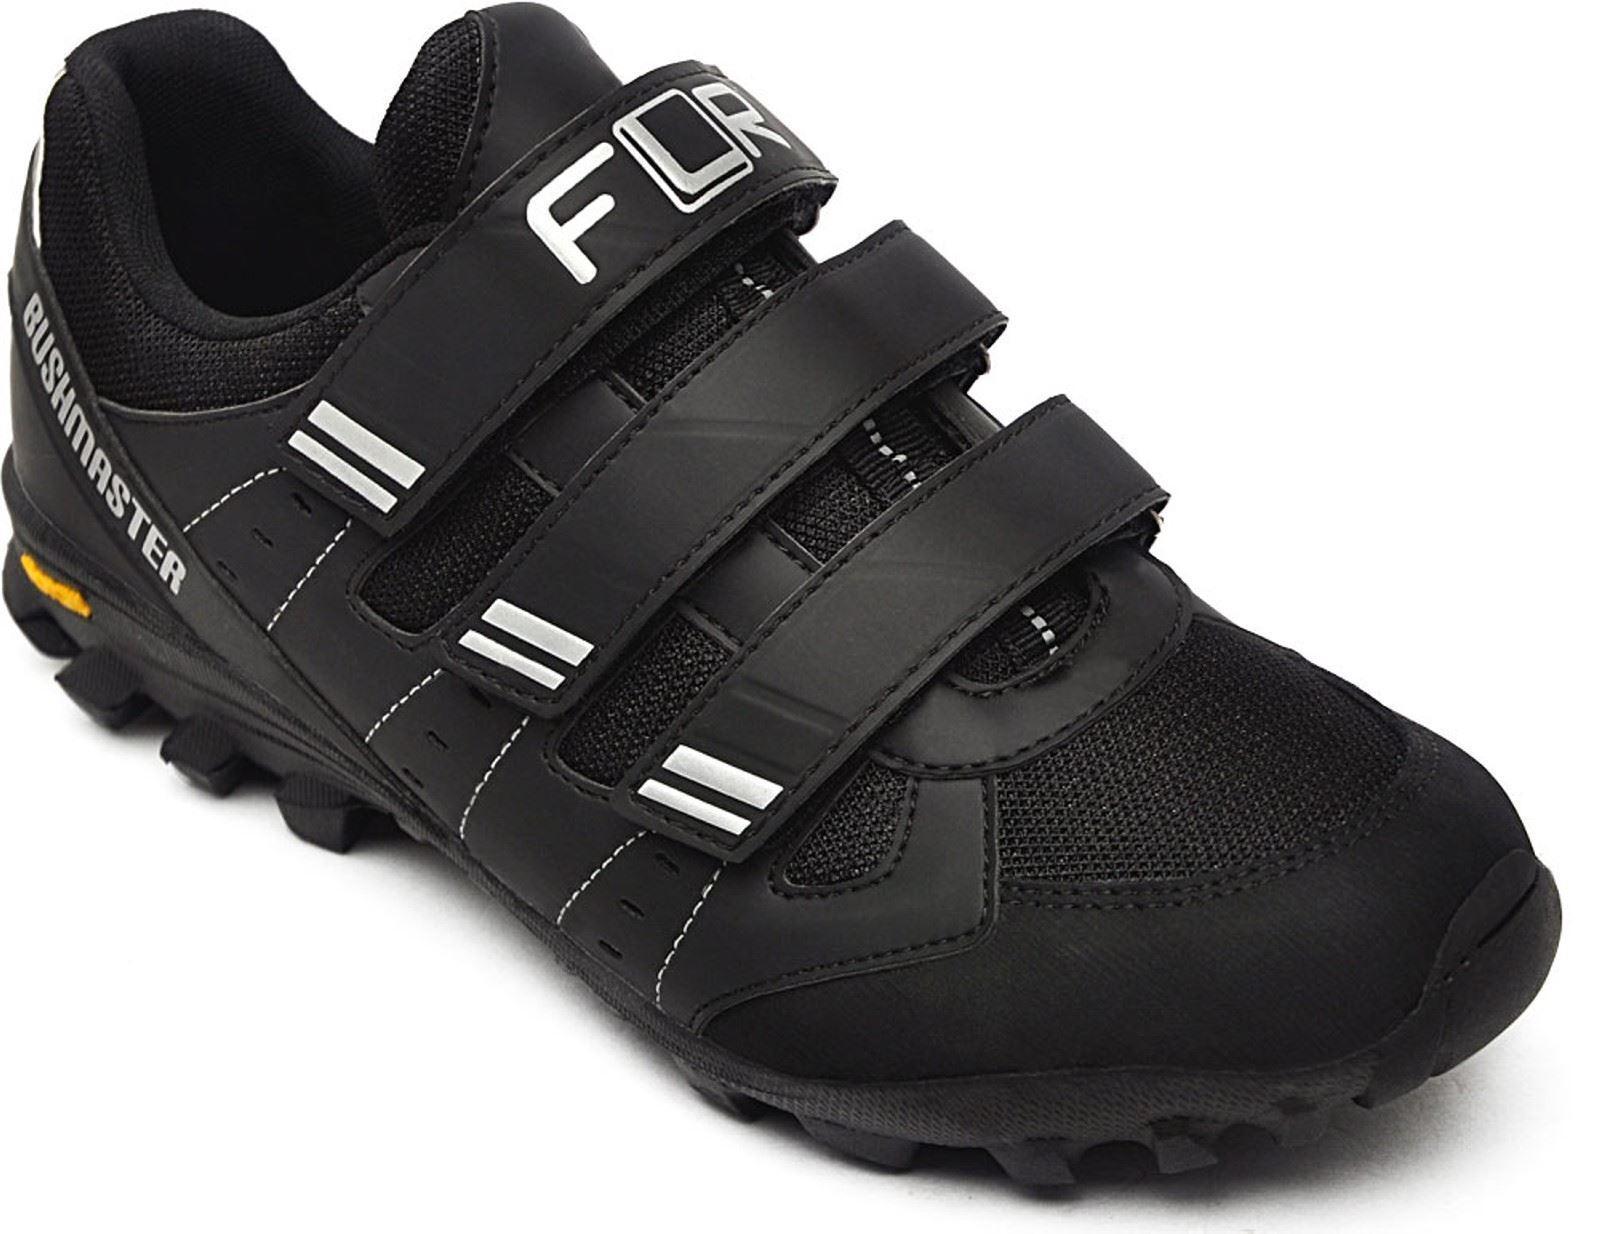 Bushmaster MTB Trail Zapatos Flr en Negro Plata Con Cierre-tamaño 44